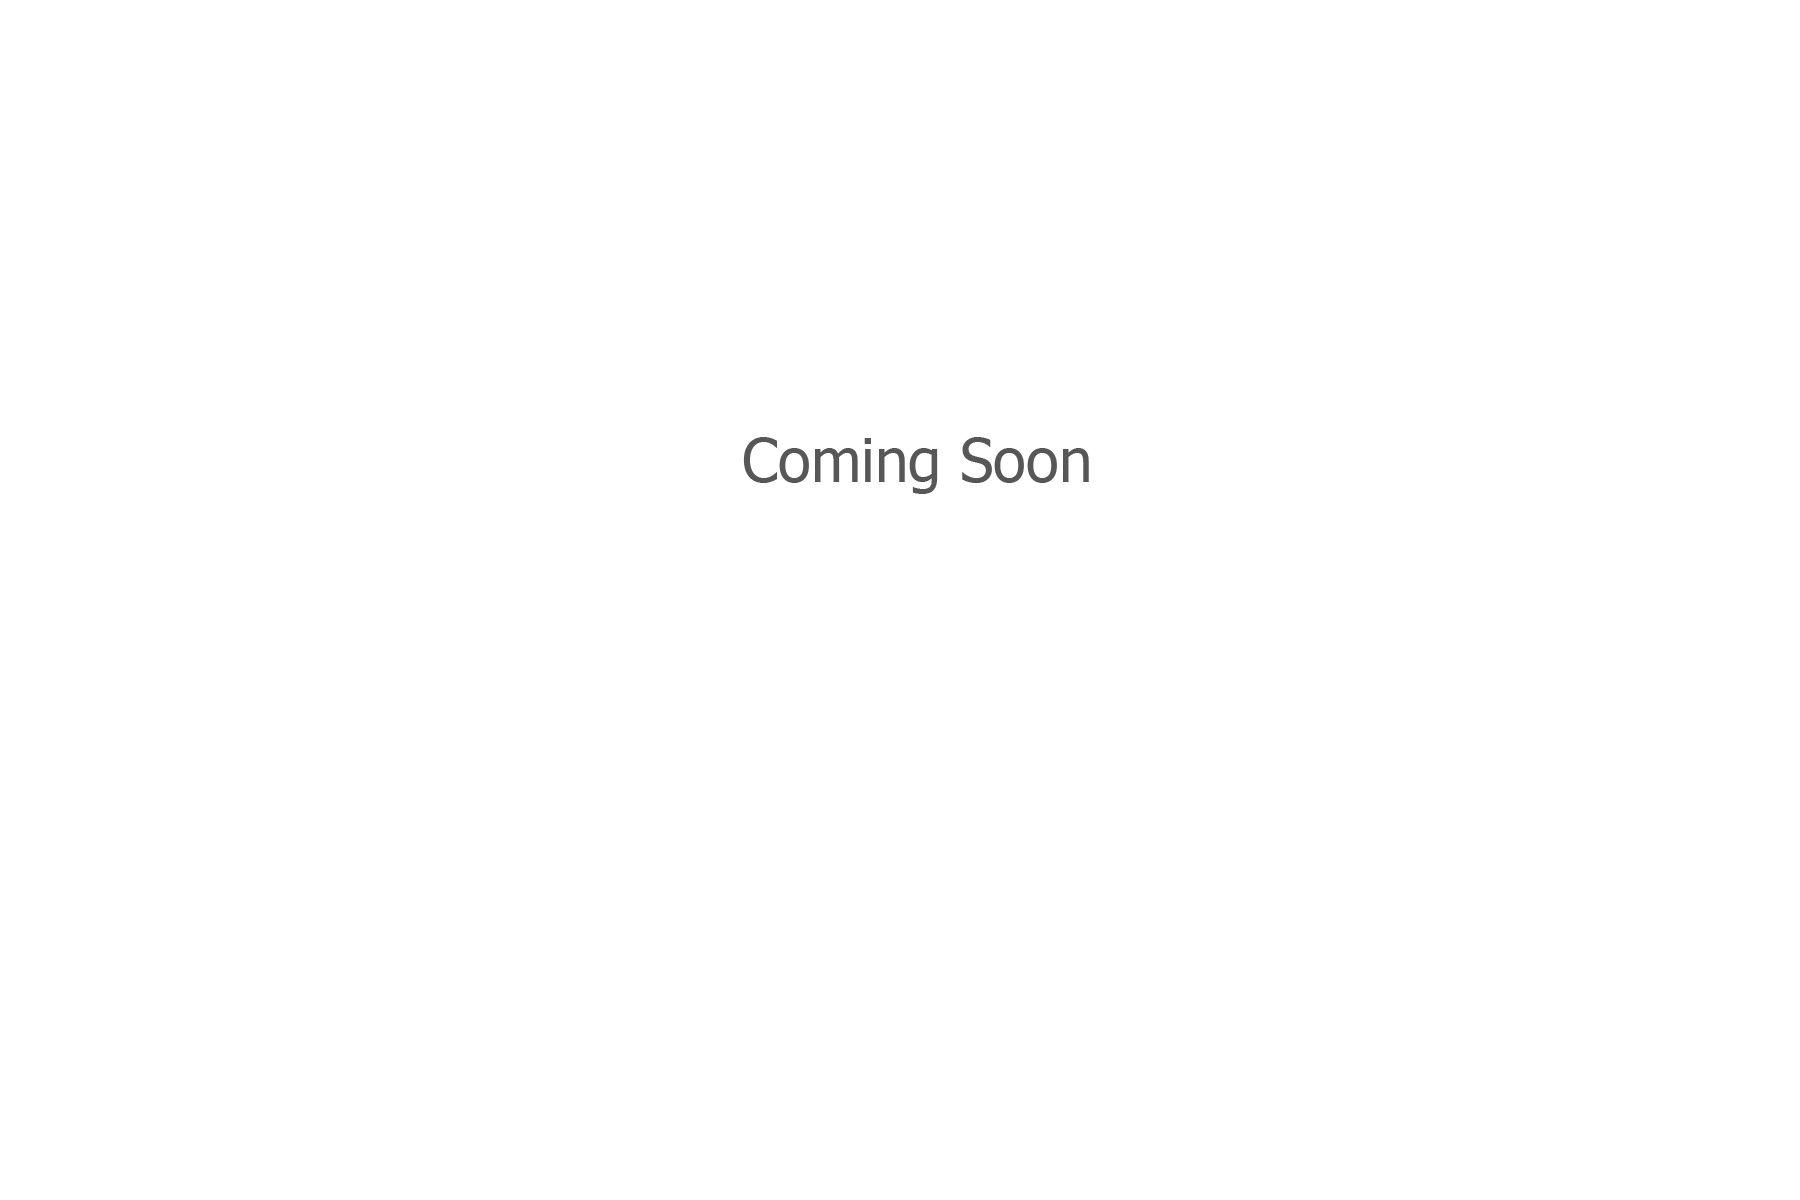 1coming_soon.jpg